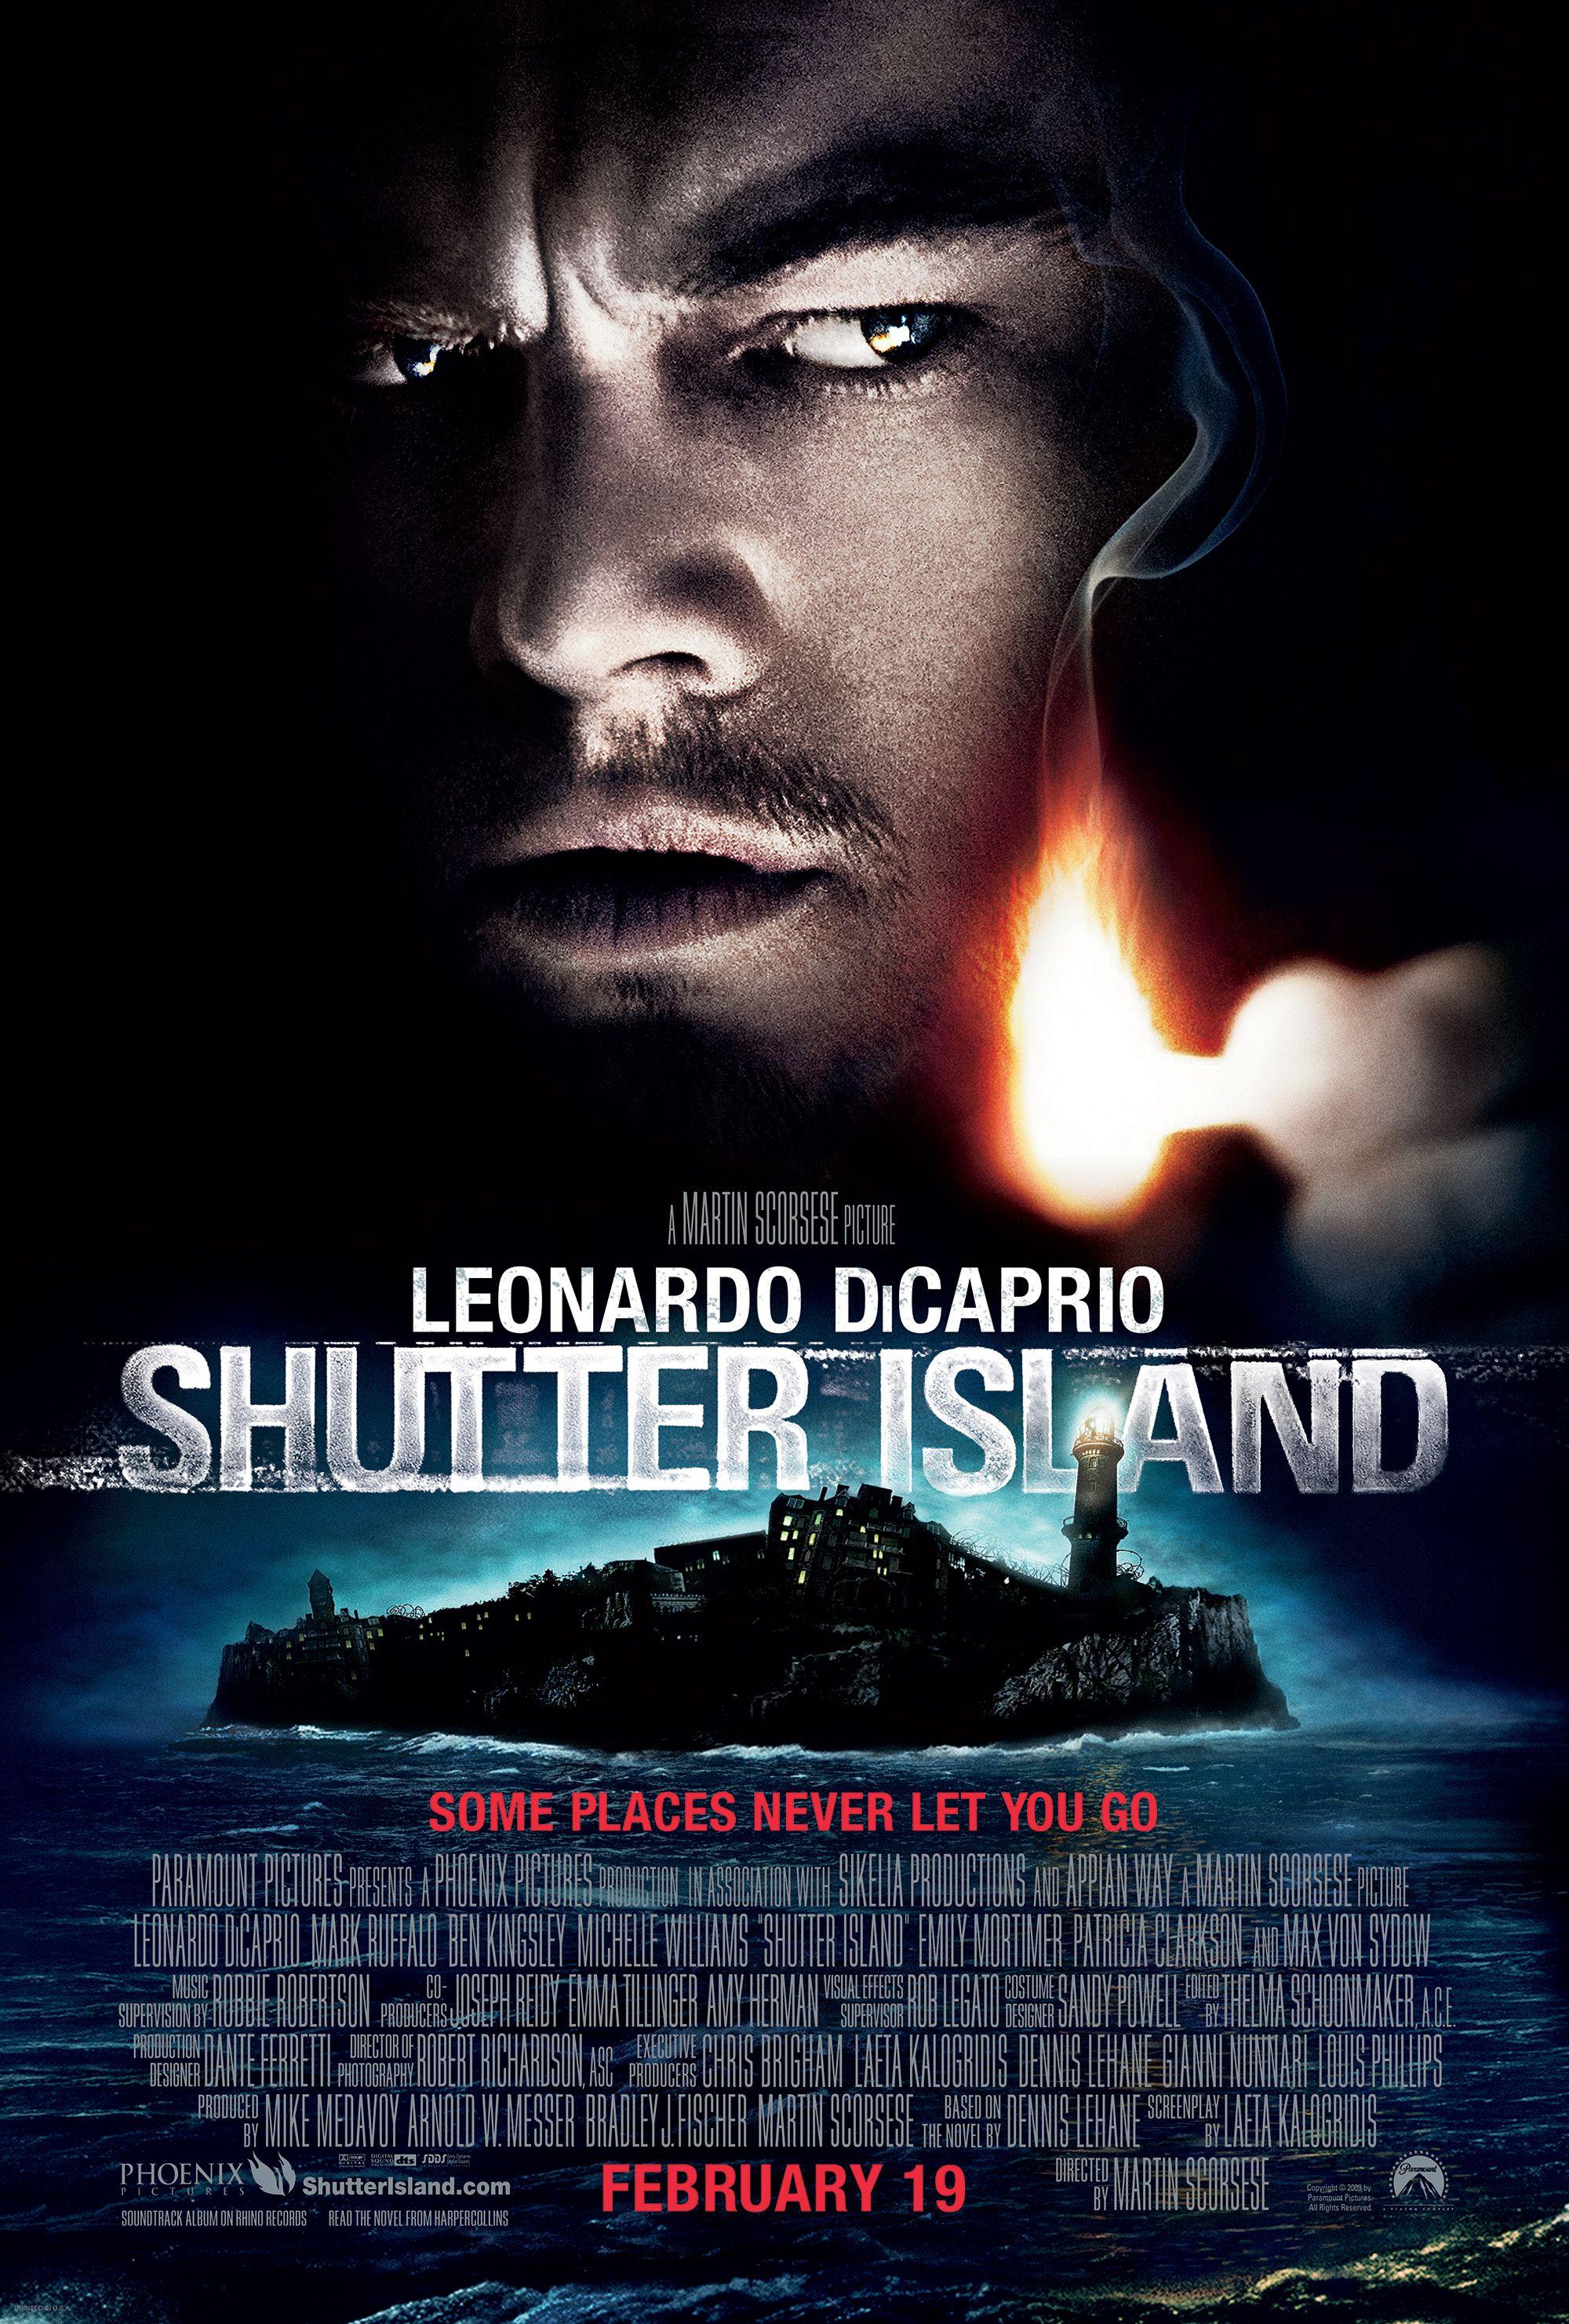 Shutter Island Movie Watch Online